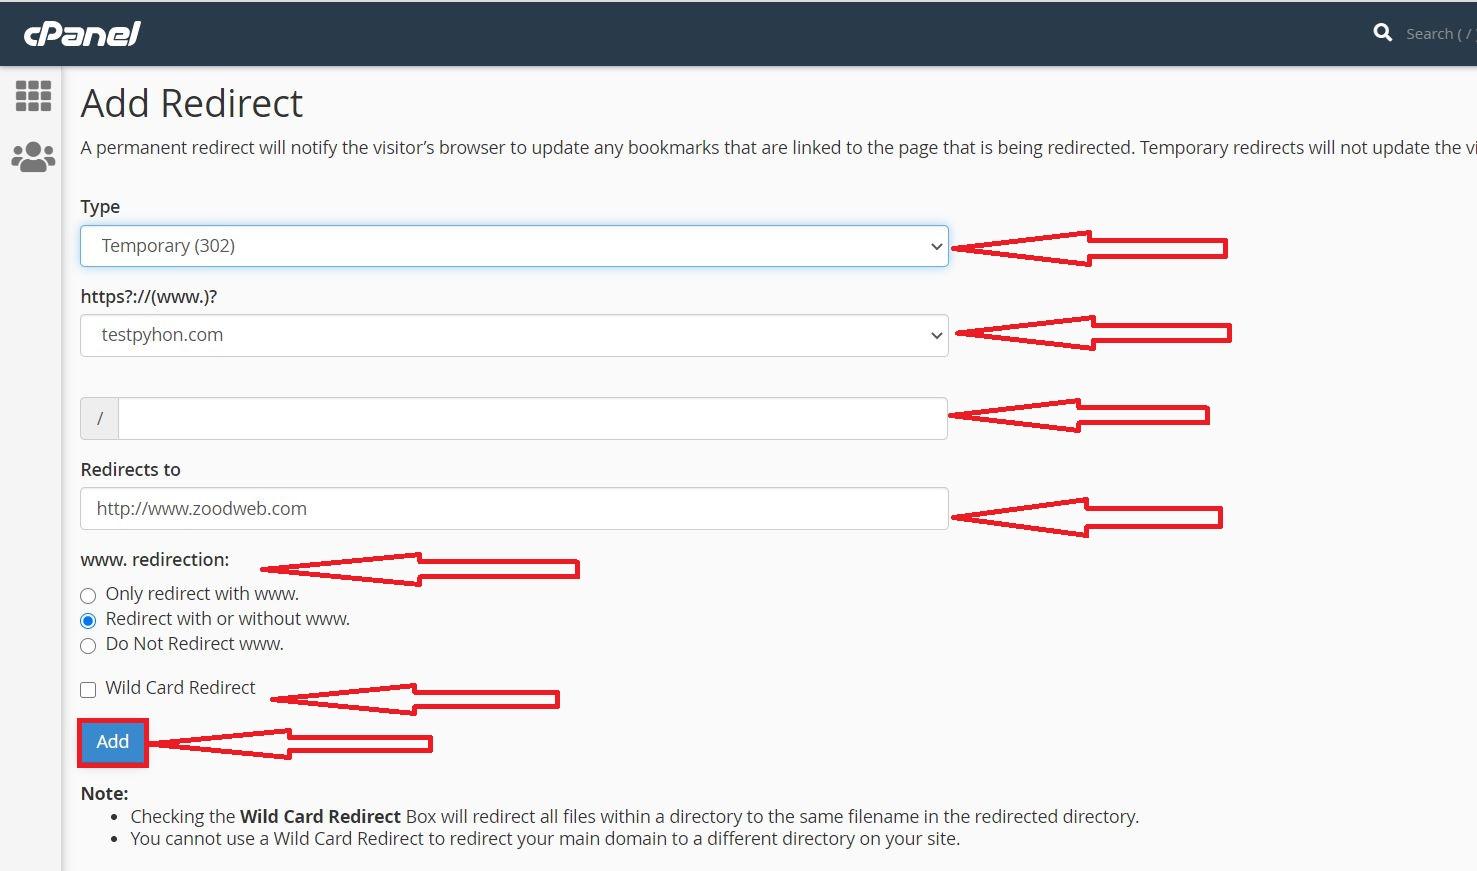 آموزش ایجاد ریدایرکت Redirect در سیپنل Cpanel هاست لینوکس